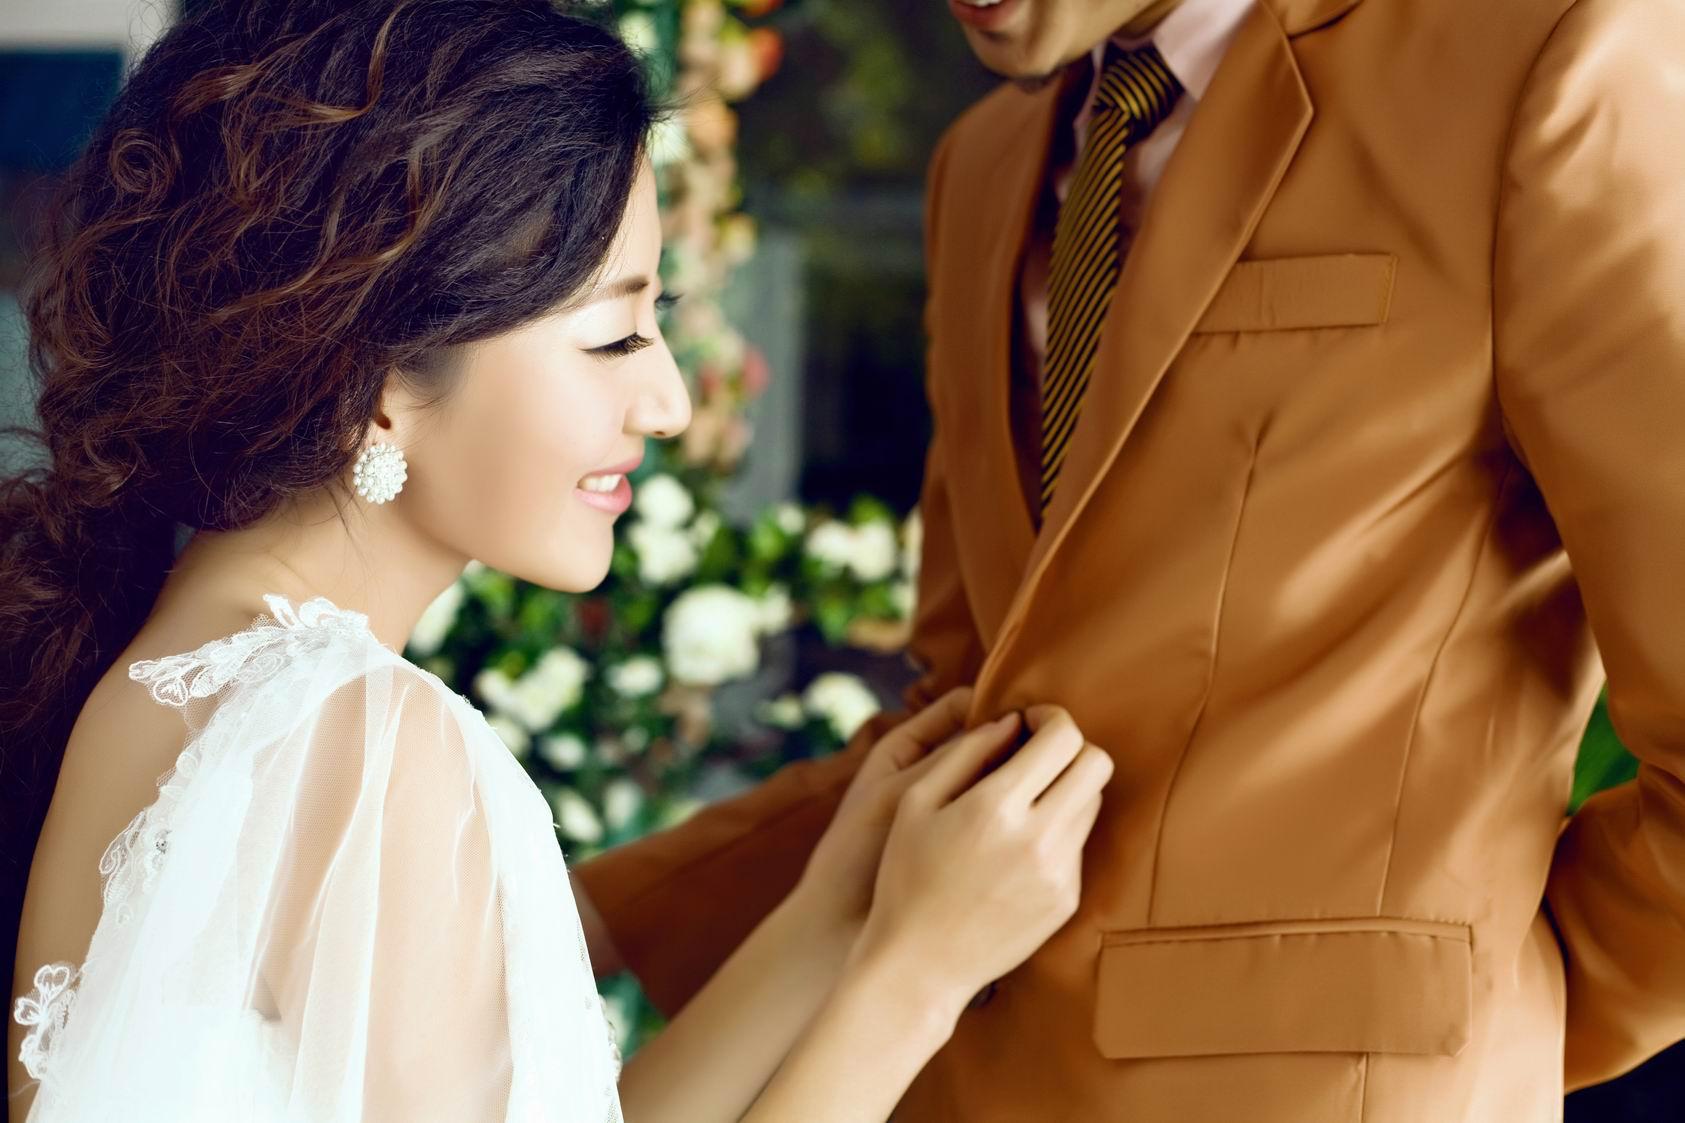 青禾婚纱摄影工作室网站80后婚纱照风格